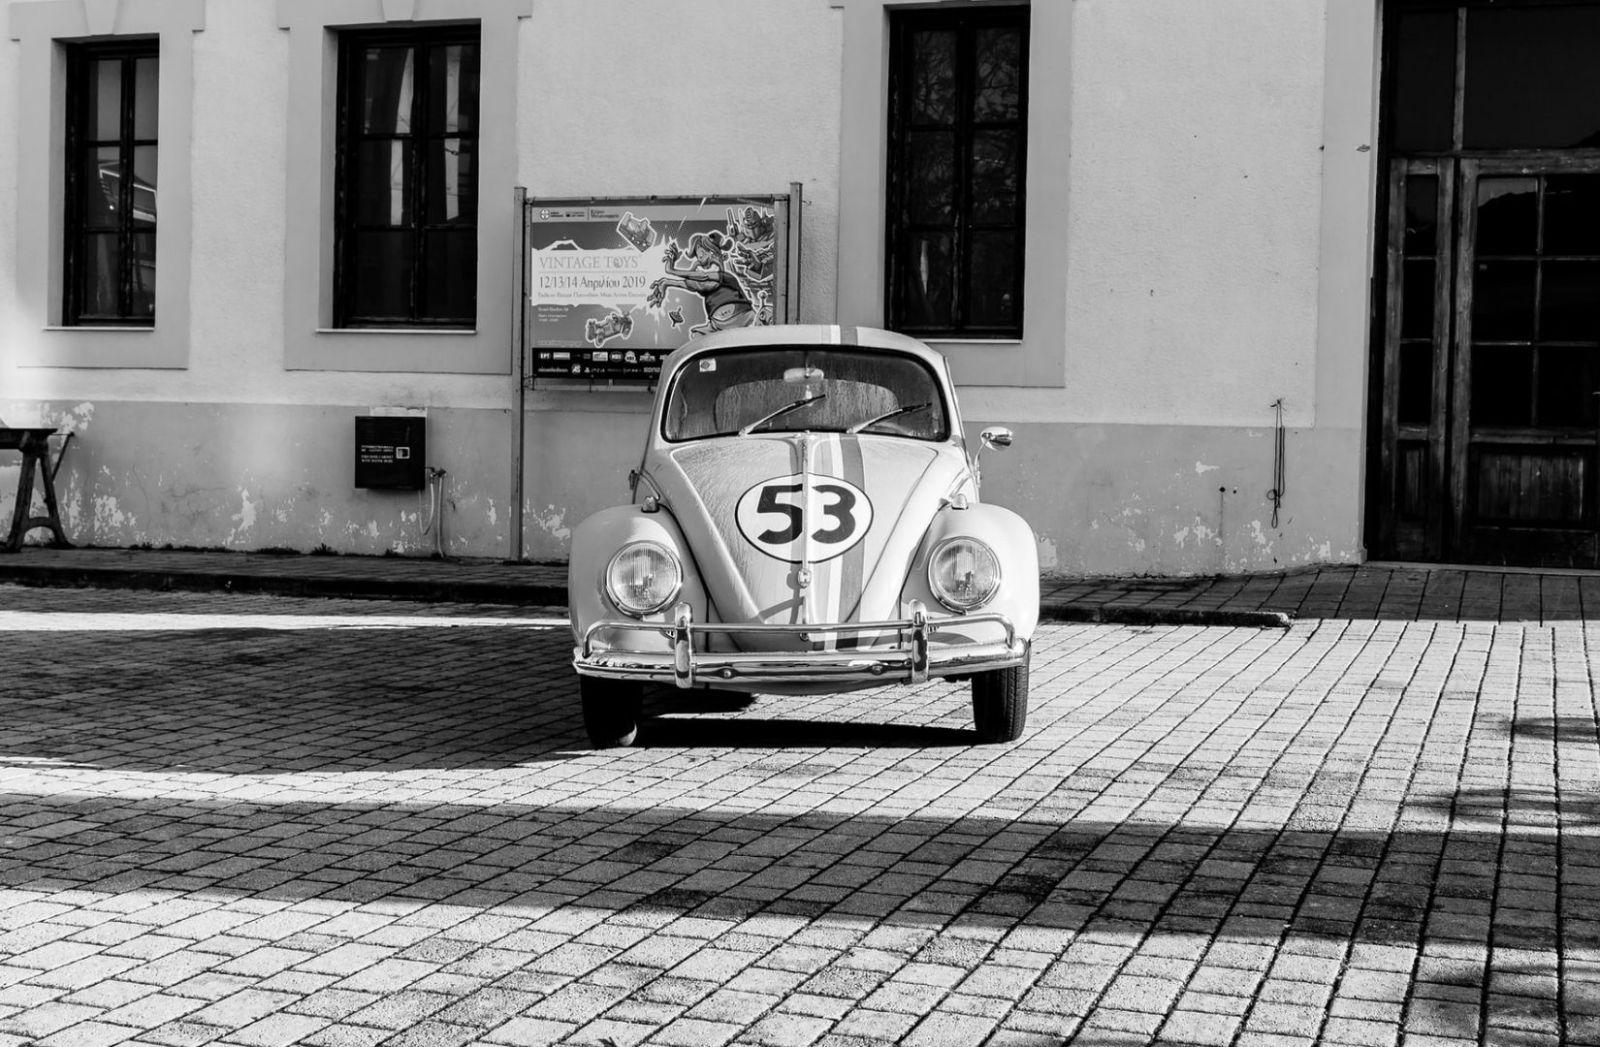 Ein VW Käfer mit der Nummer 53 in Athen. (Foto: Peter Schulz, Unsplash.com)